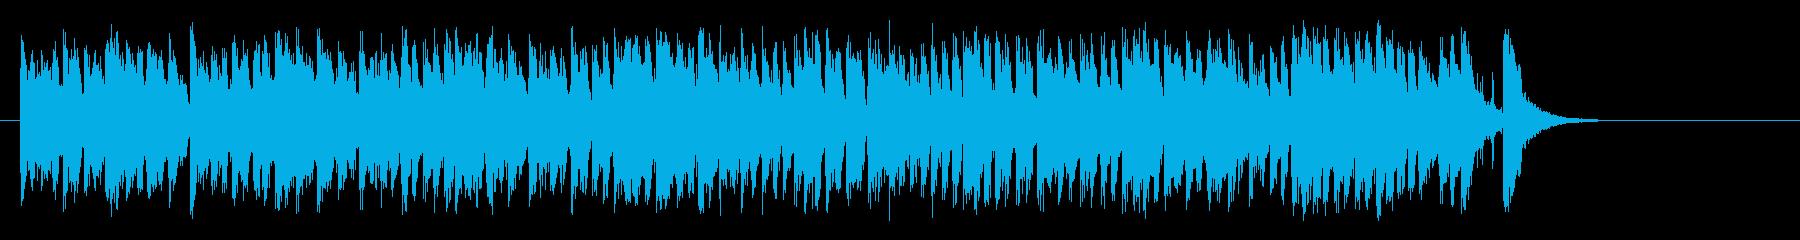 愛らしいコミカル調BGM(Bメロ~サビ)の再生済みの波形